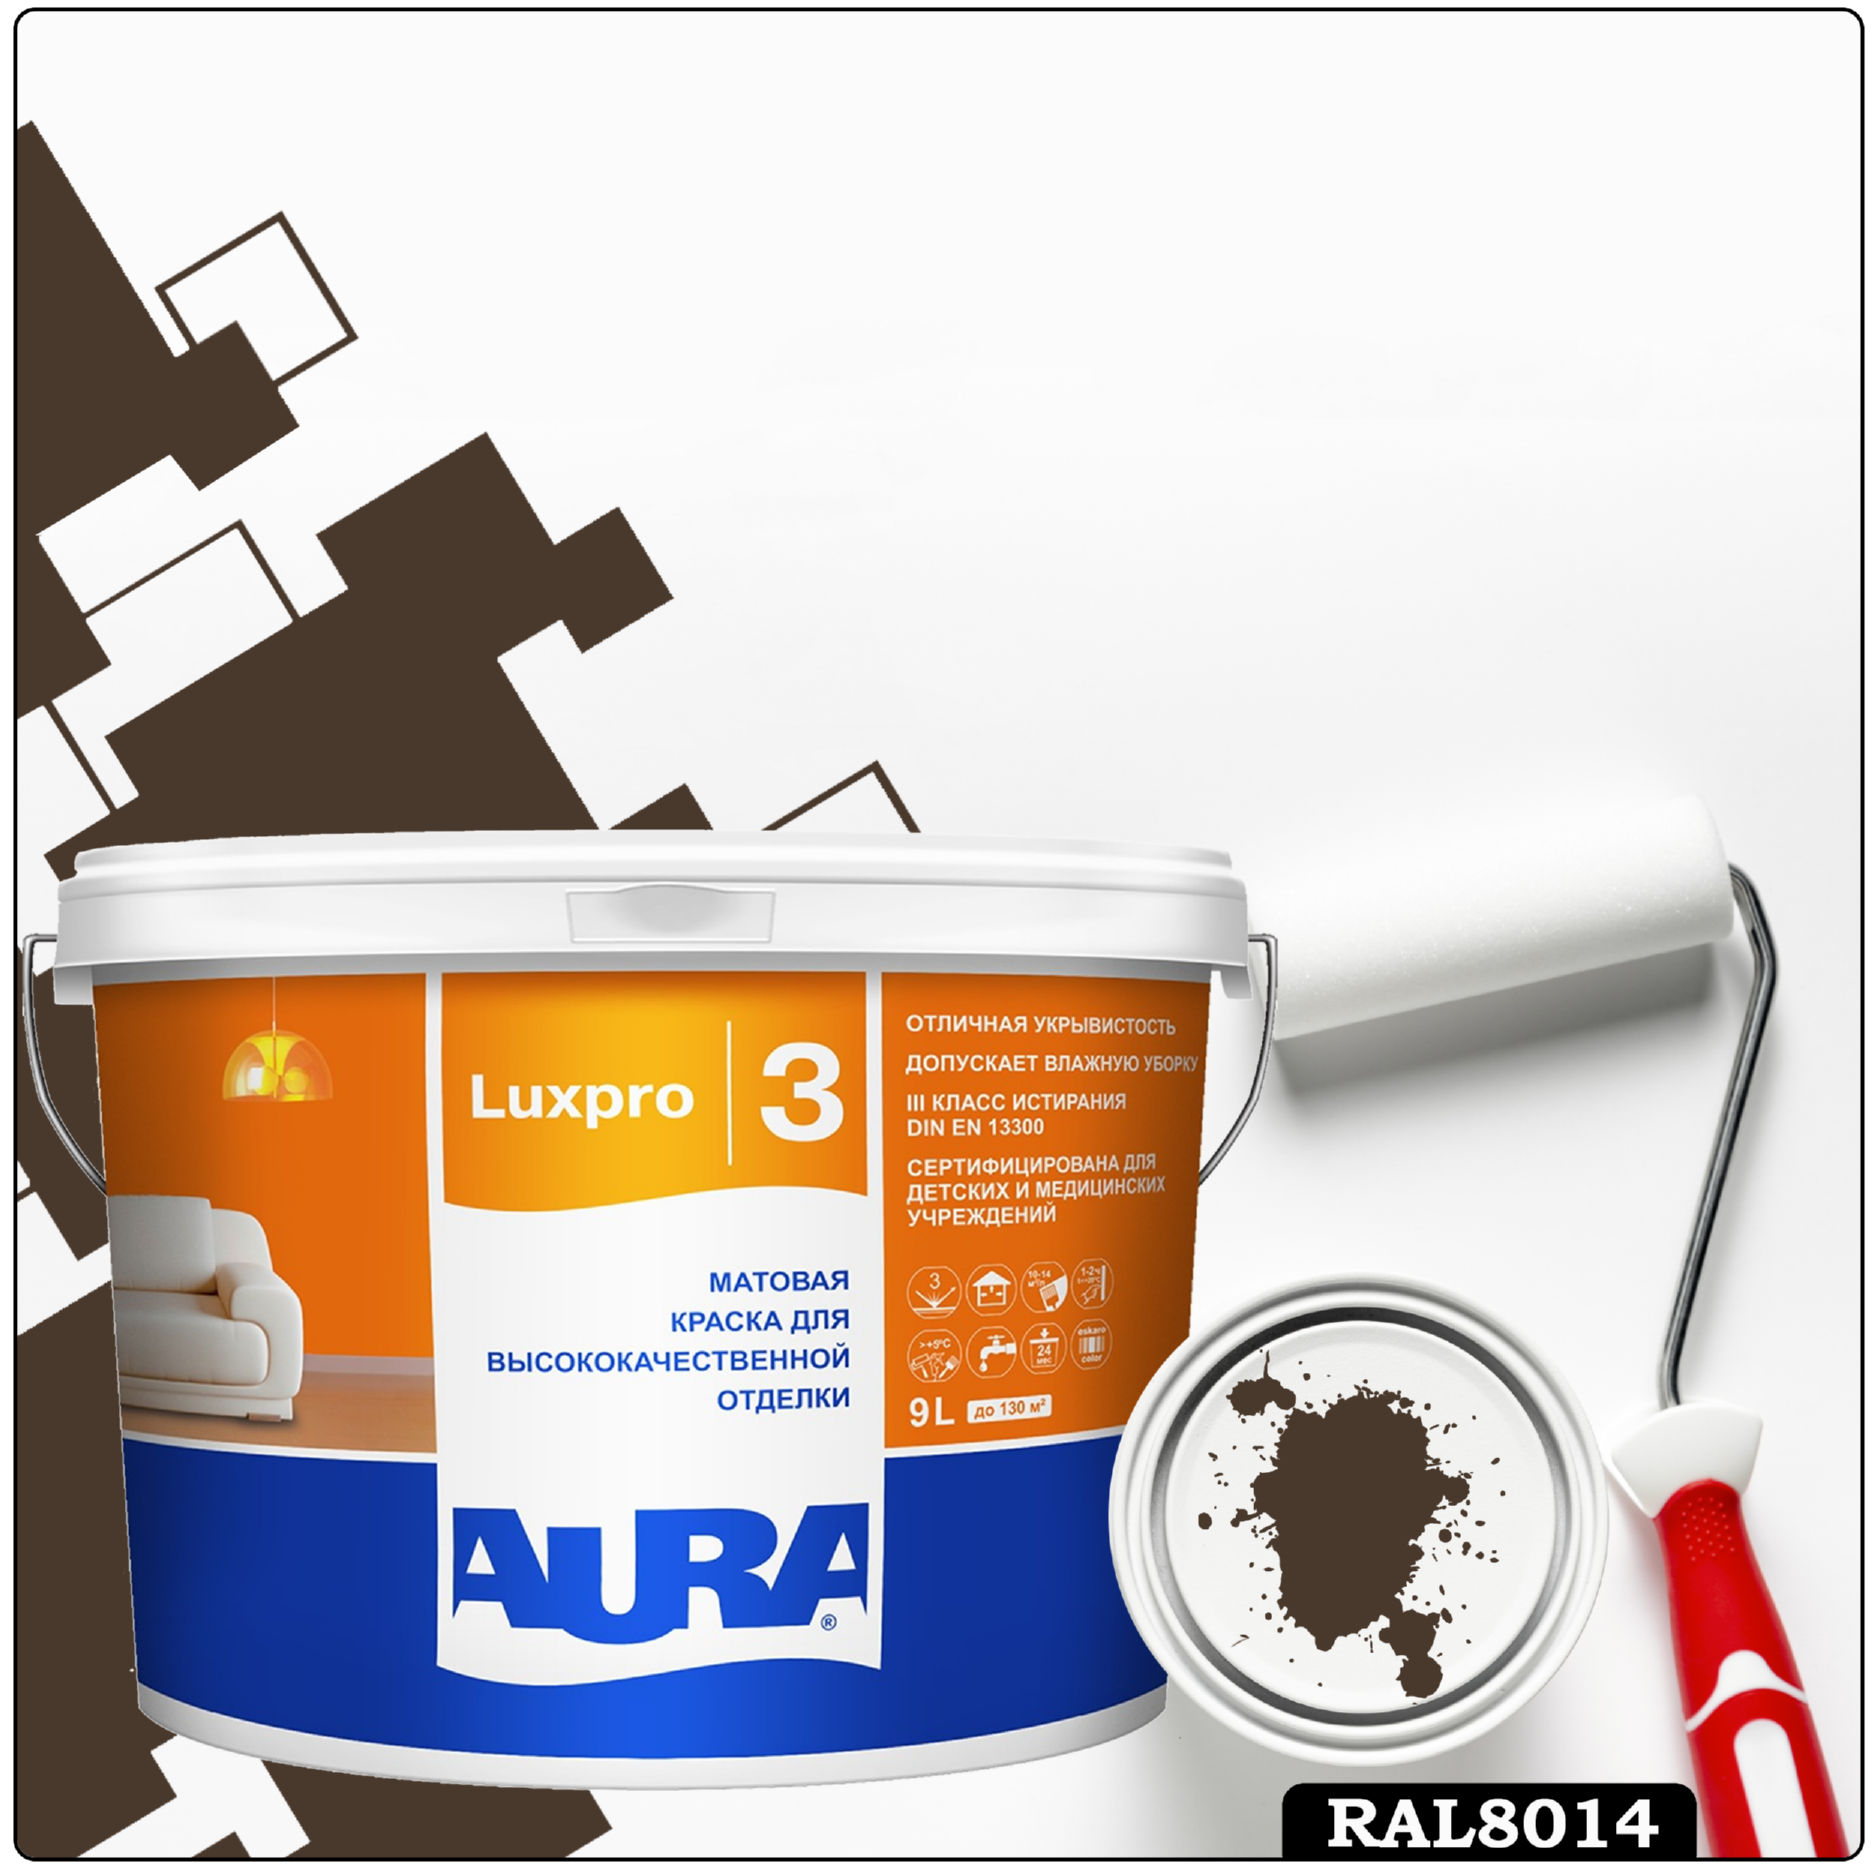 Фото 10 - Краска Aura LuxPRO 3, RAL 8014 Сепия коричневый, латексная, шелково-матовая, интерьерная, 9л, Аура.